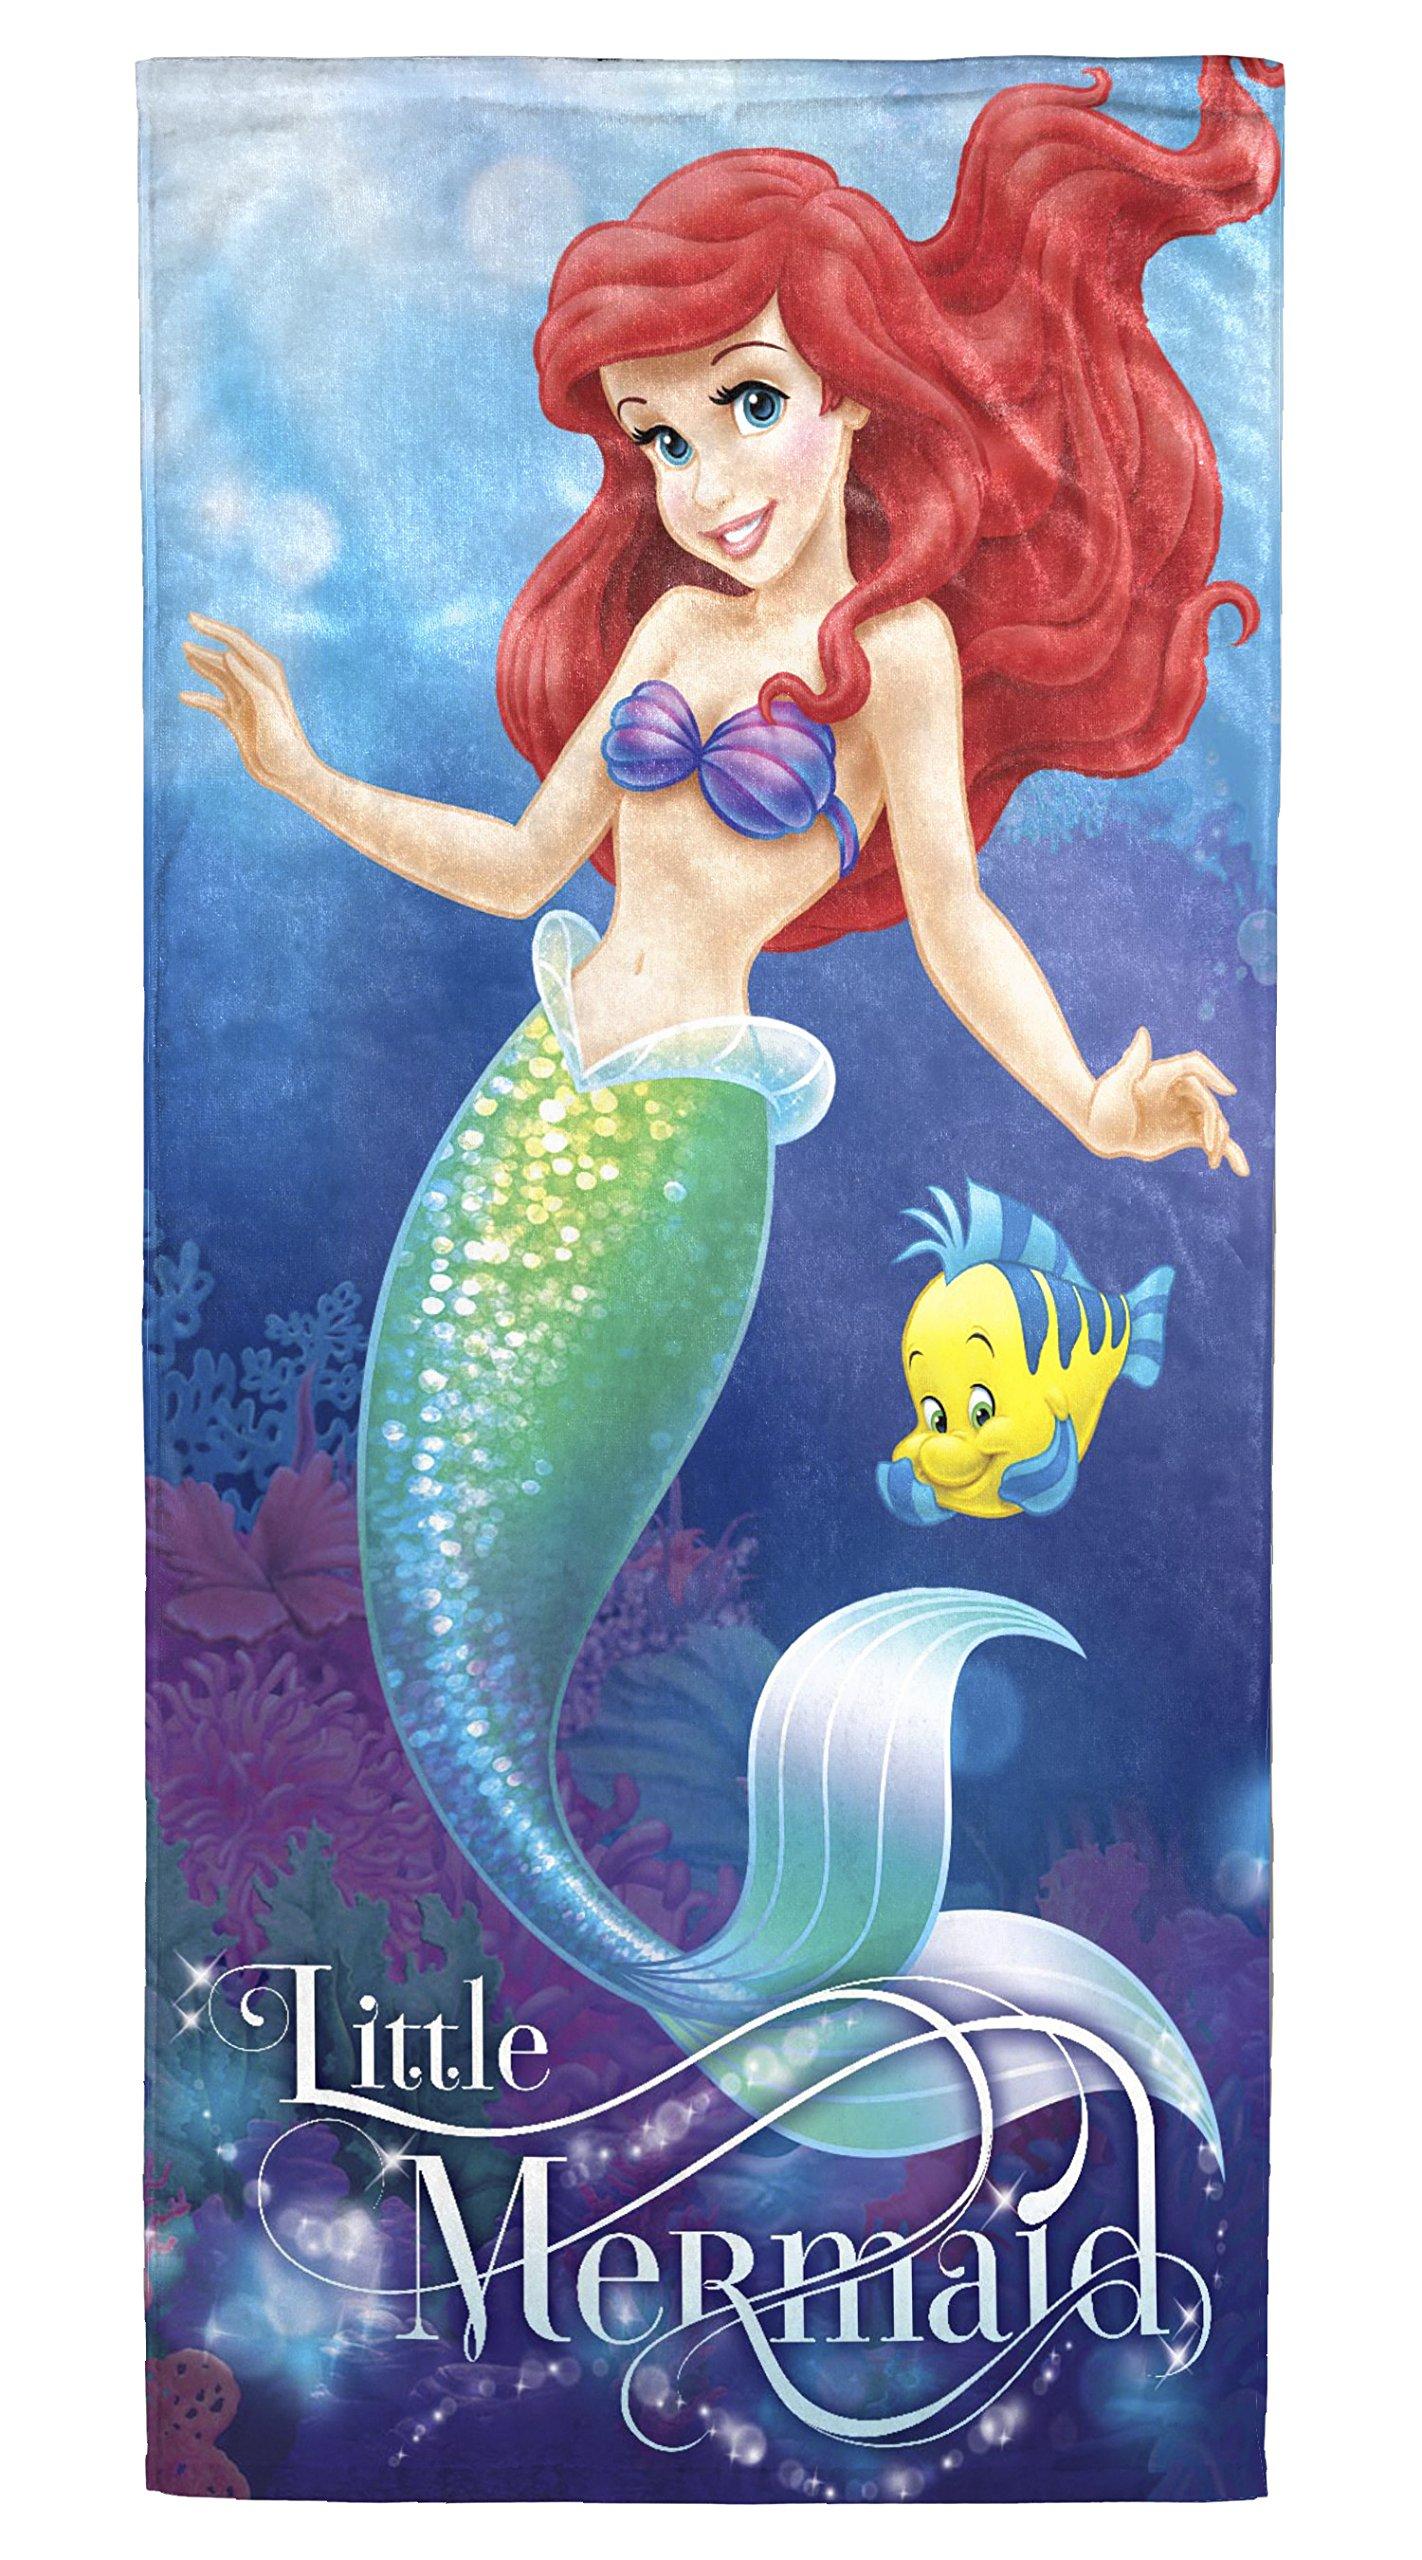 Disney Little Mermaid Ariel Coral Reef 2 Pack of Cotton Bath, Pool, Beach Towels 28'' x 58'' each (Pack of 2 Beach Towels)